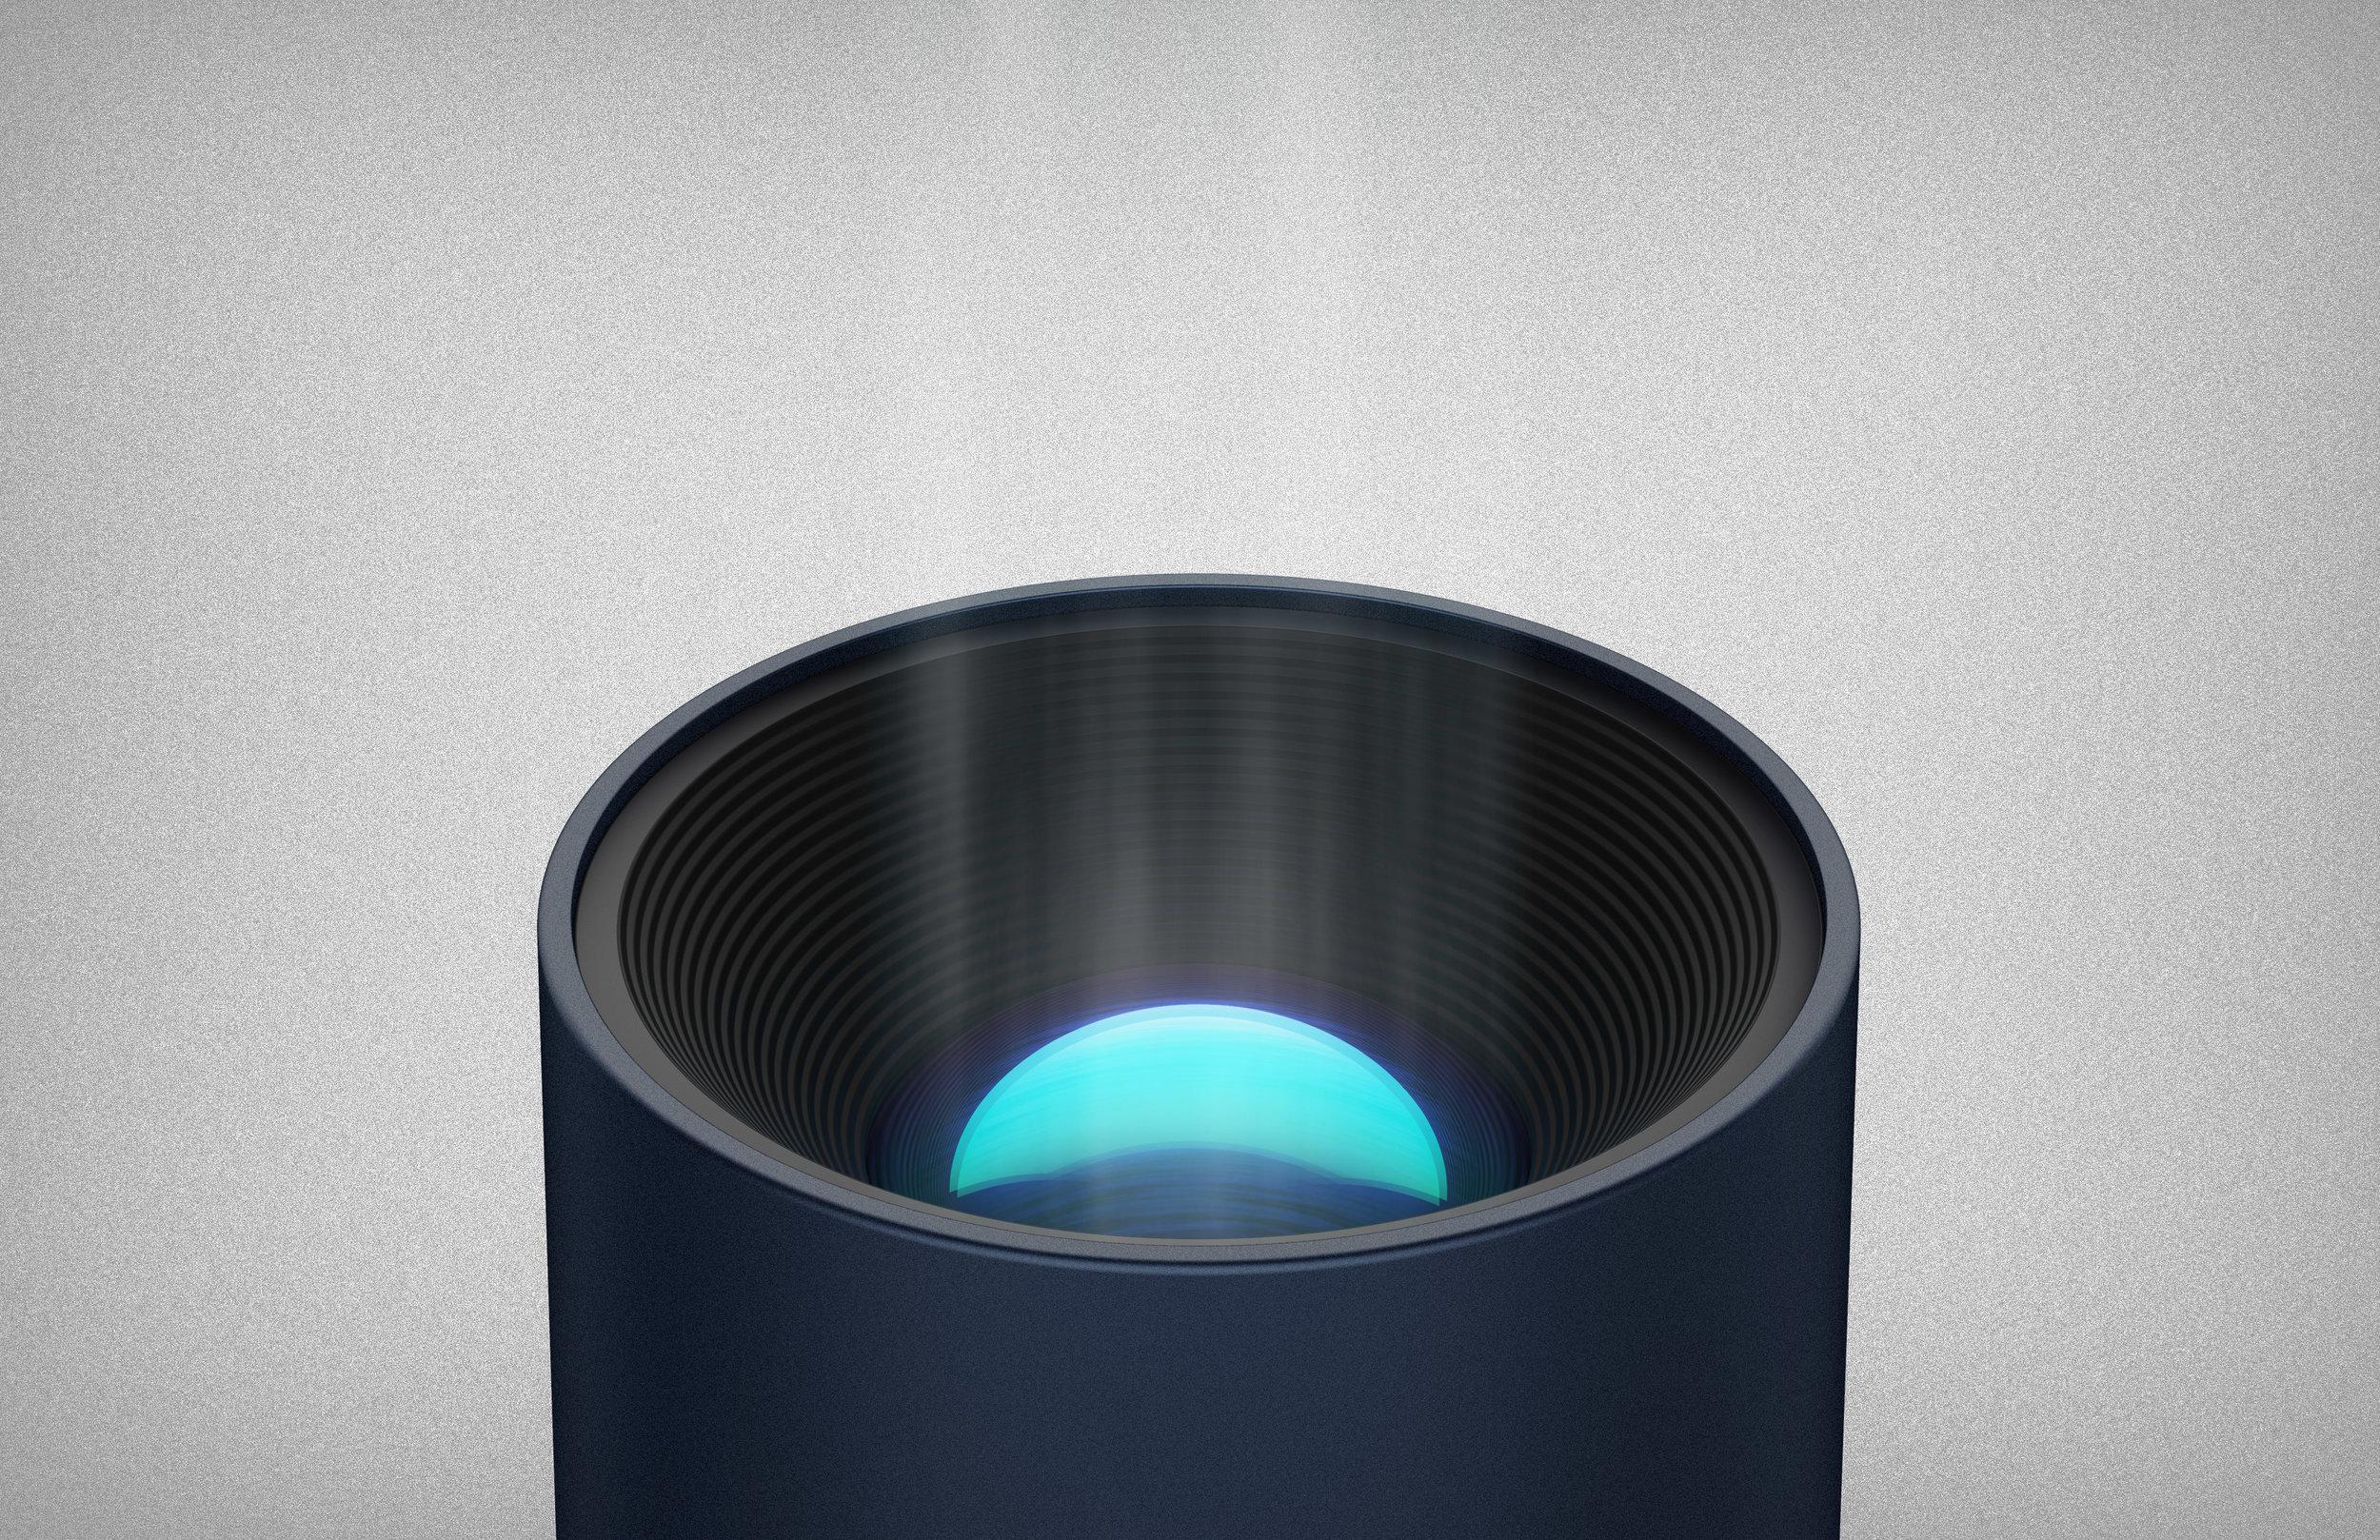 Prism_Lense_Detail.jpg